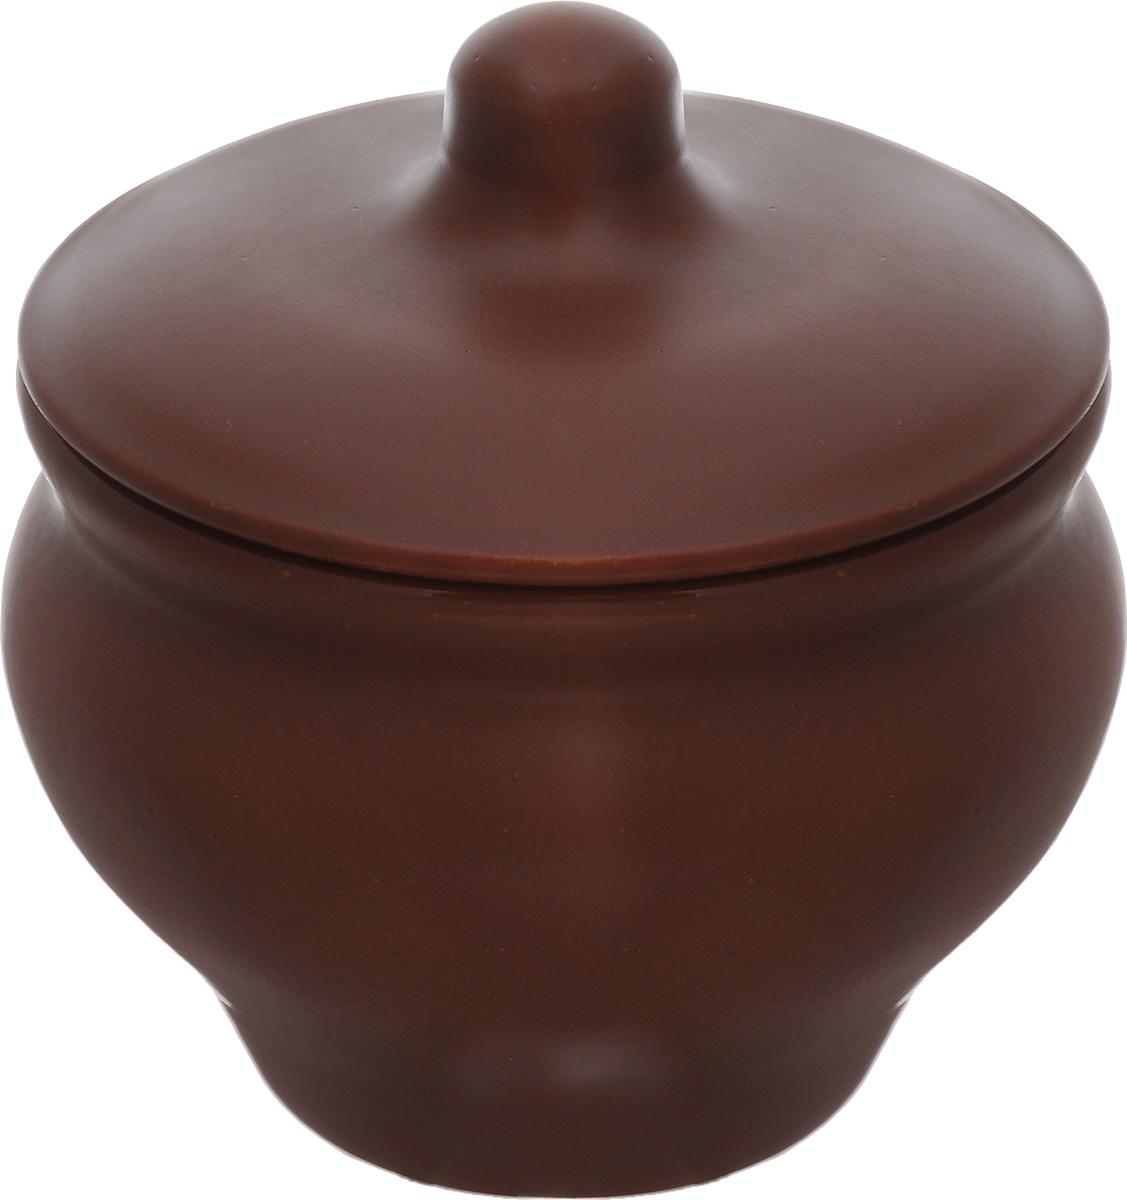 Горшочек для запекания Борисовская керамика Мечта хозяйки, цвет: коричневый, 350 мл горшочек для запекания борисовская керамика мечта хозяйки цвет зеленый розовый 350 мл